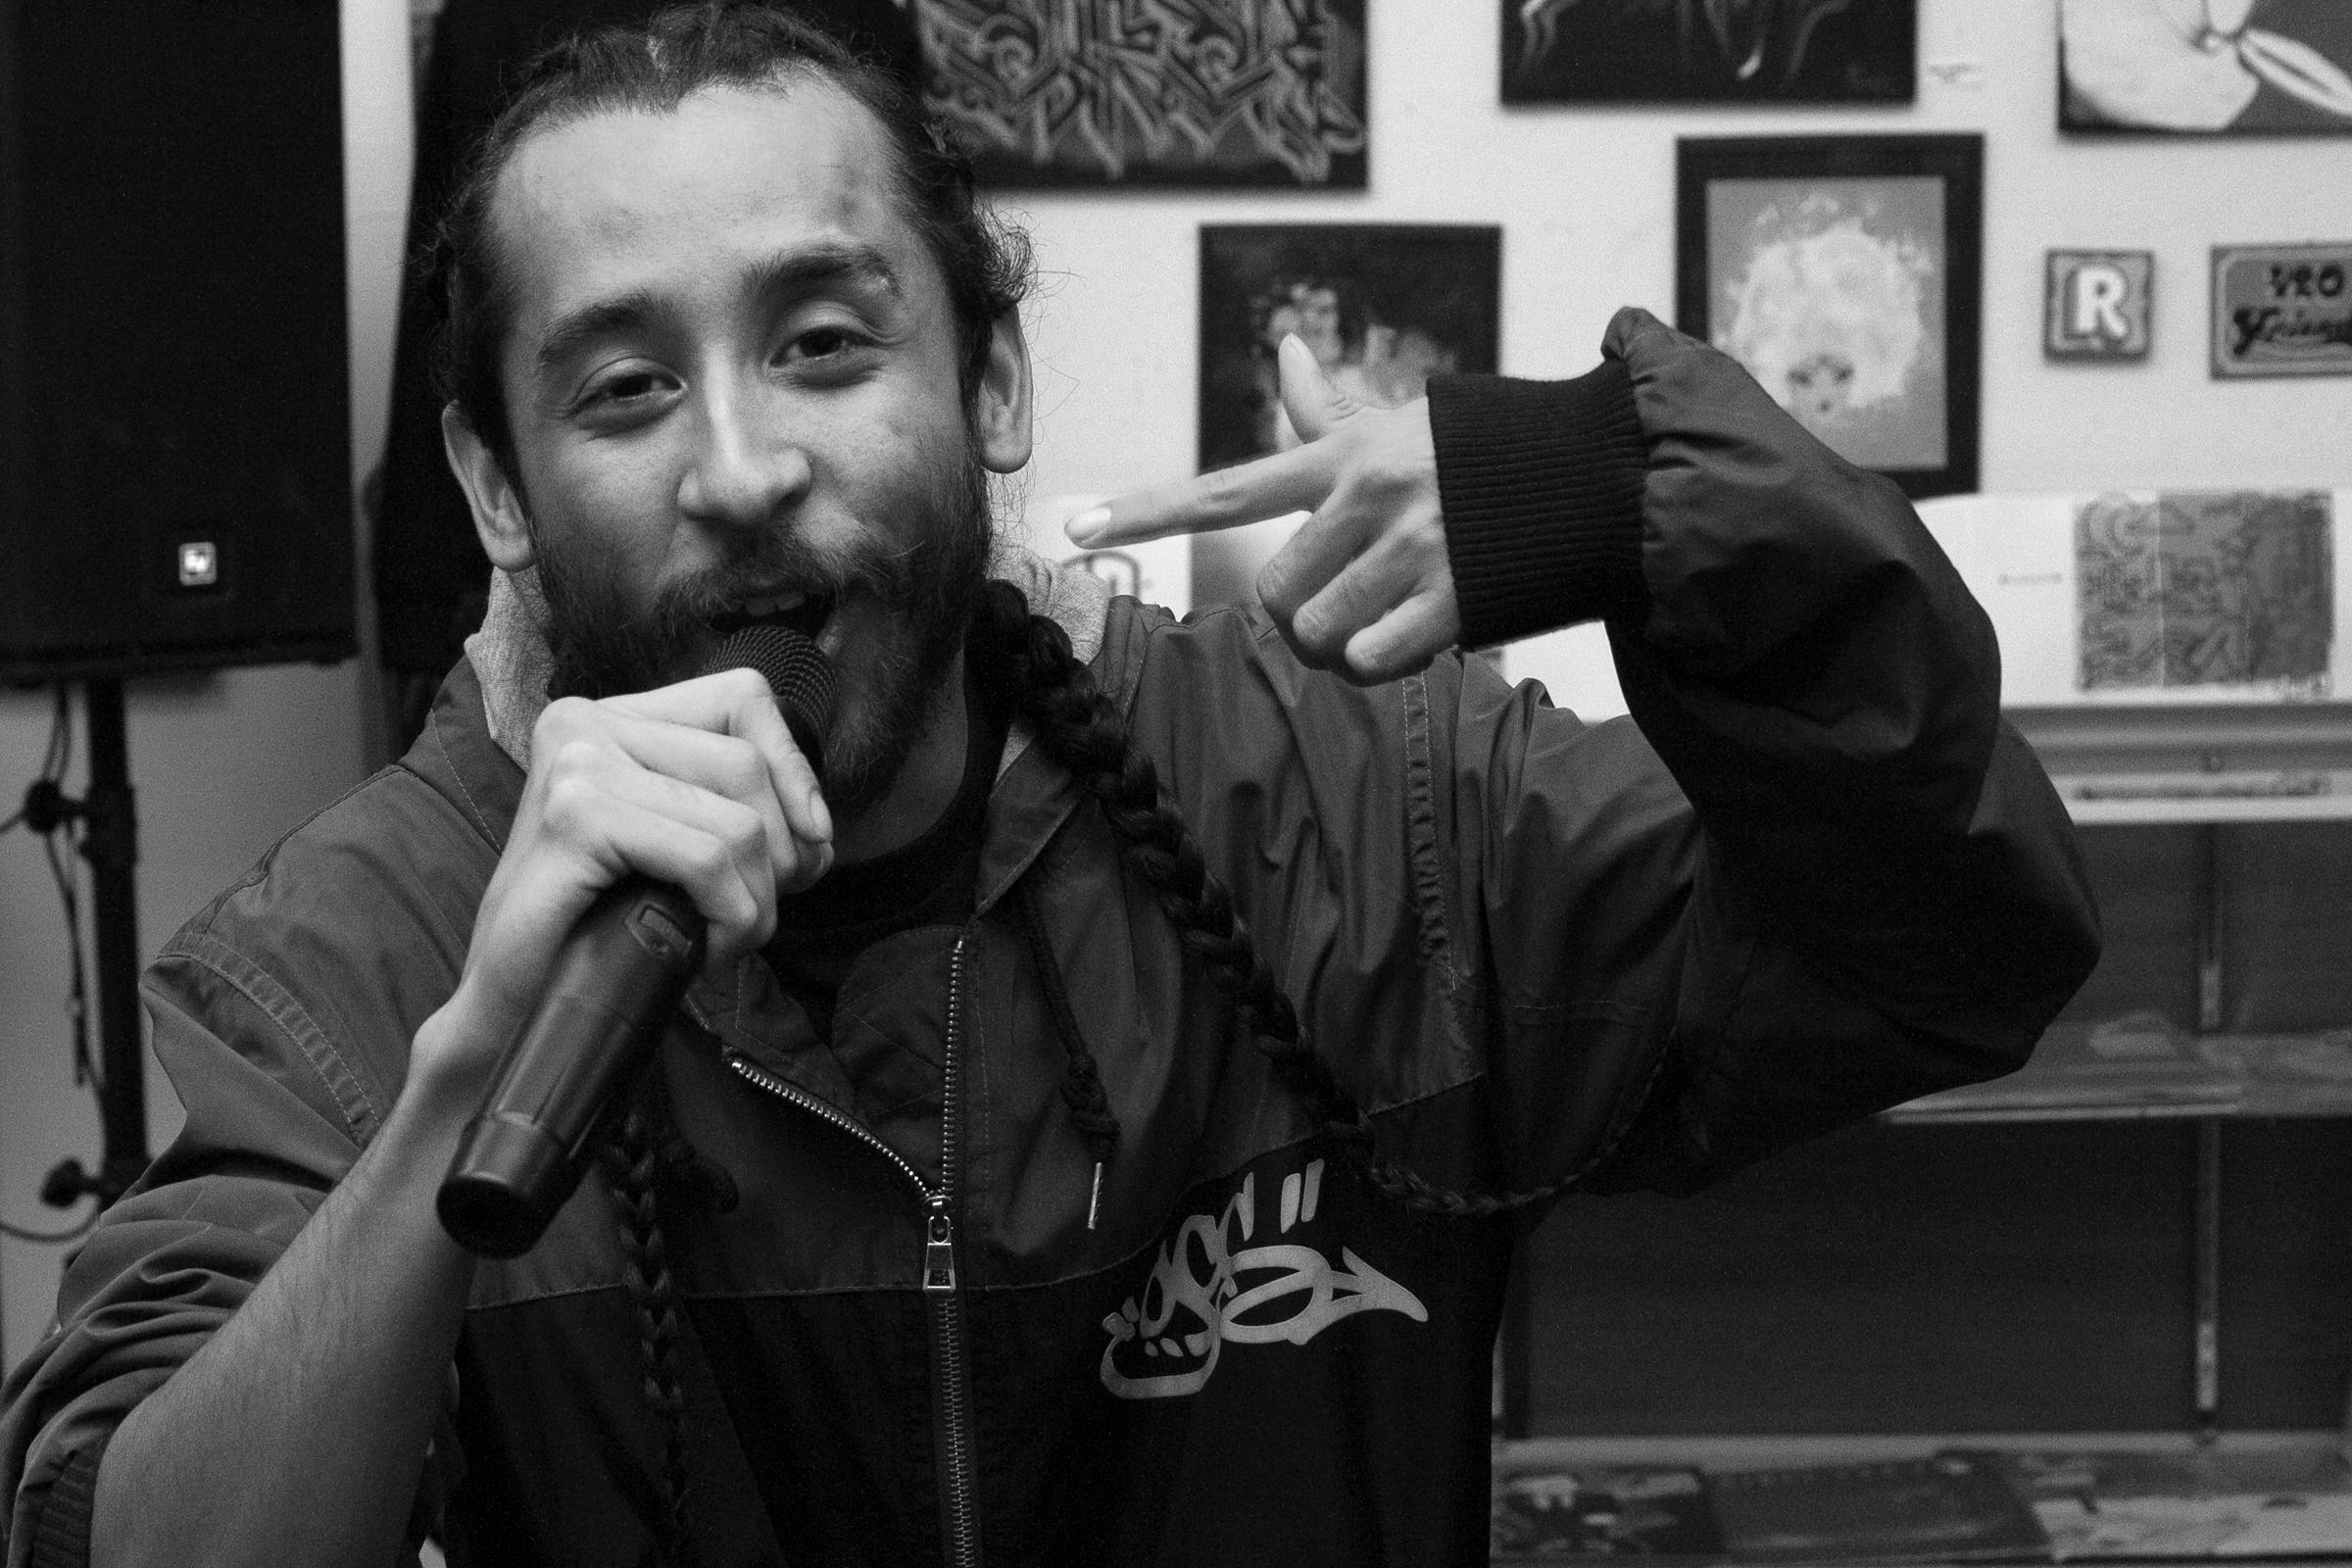 Loki Loko hip hop